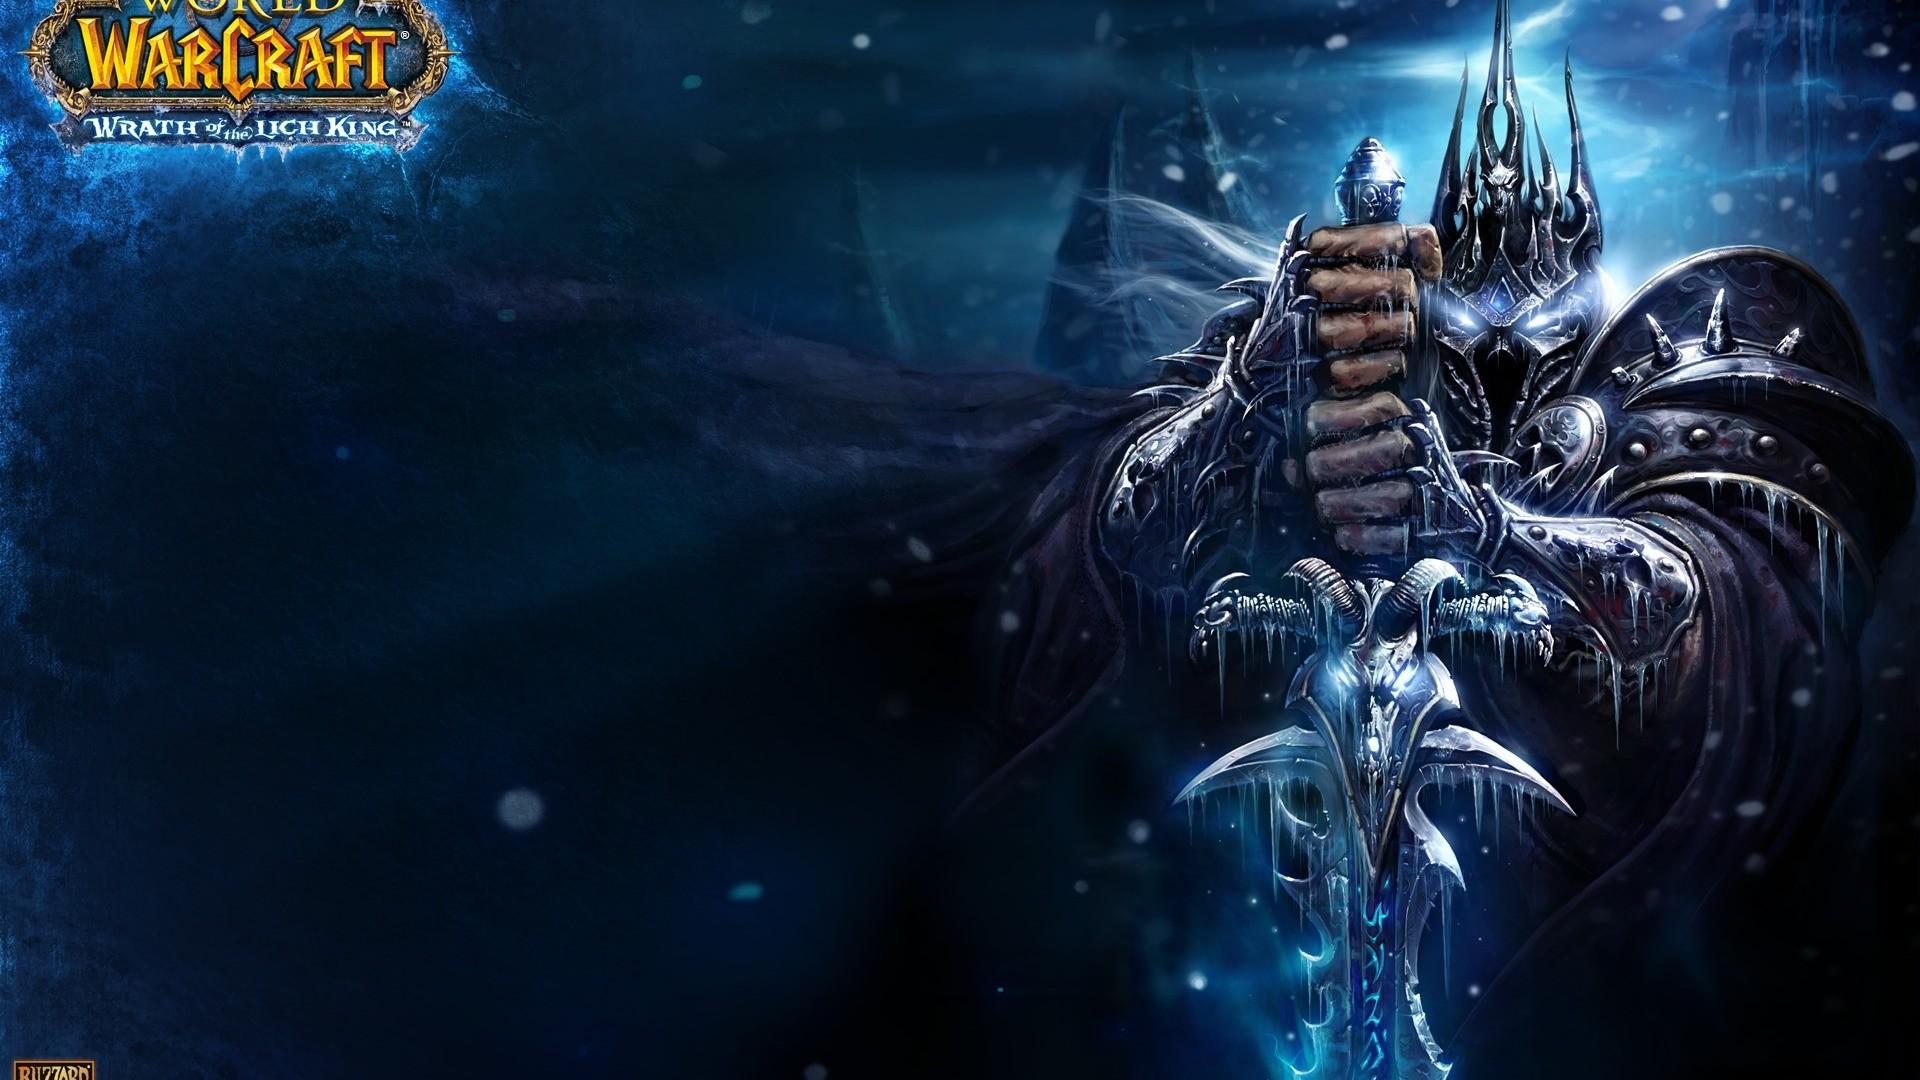 World of Warcraft HD Wallpaper, Game Wallpaper, Desktop Wallpaper .